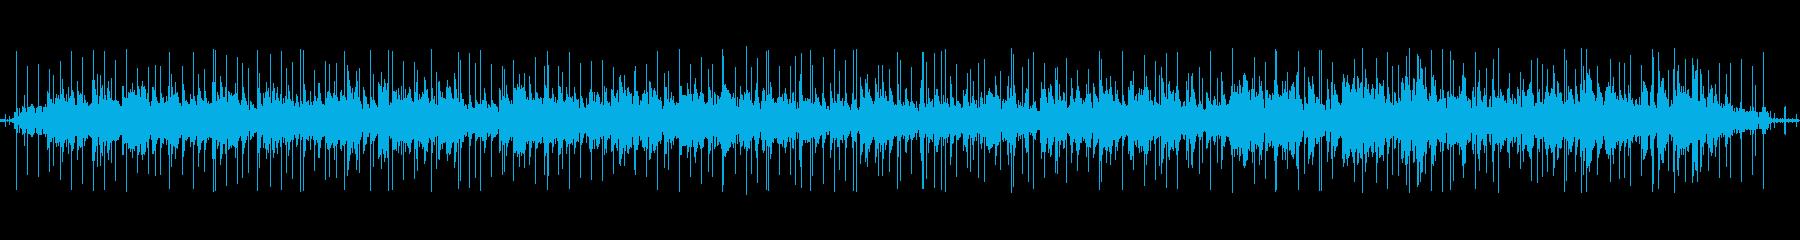 これは、古いビニールレコードや蓄音...の再生済みの波形